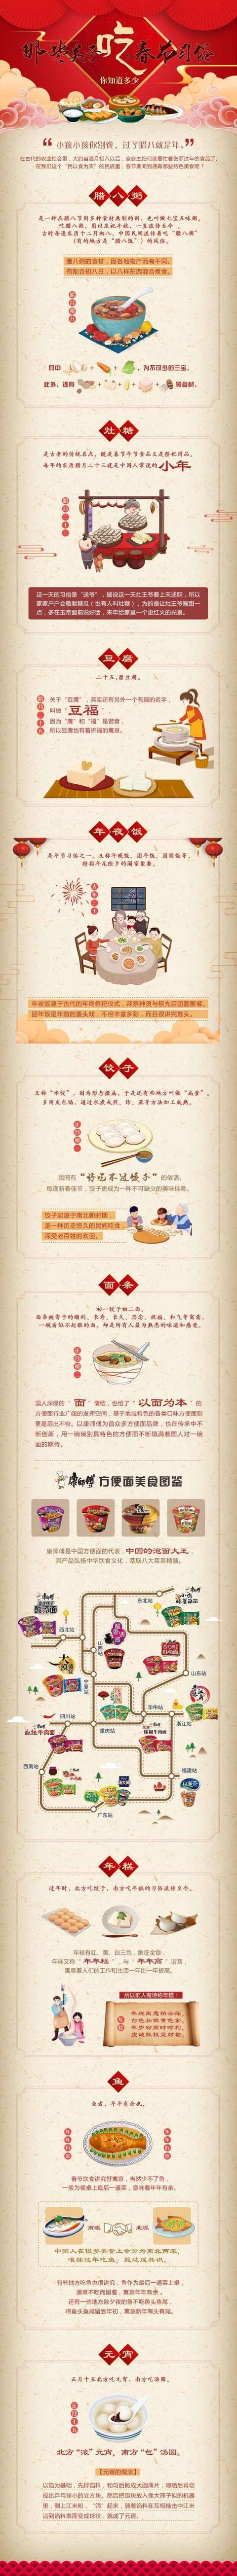 那些关于吃的春节习俗你知道多少?